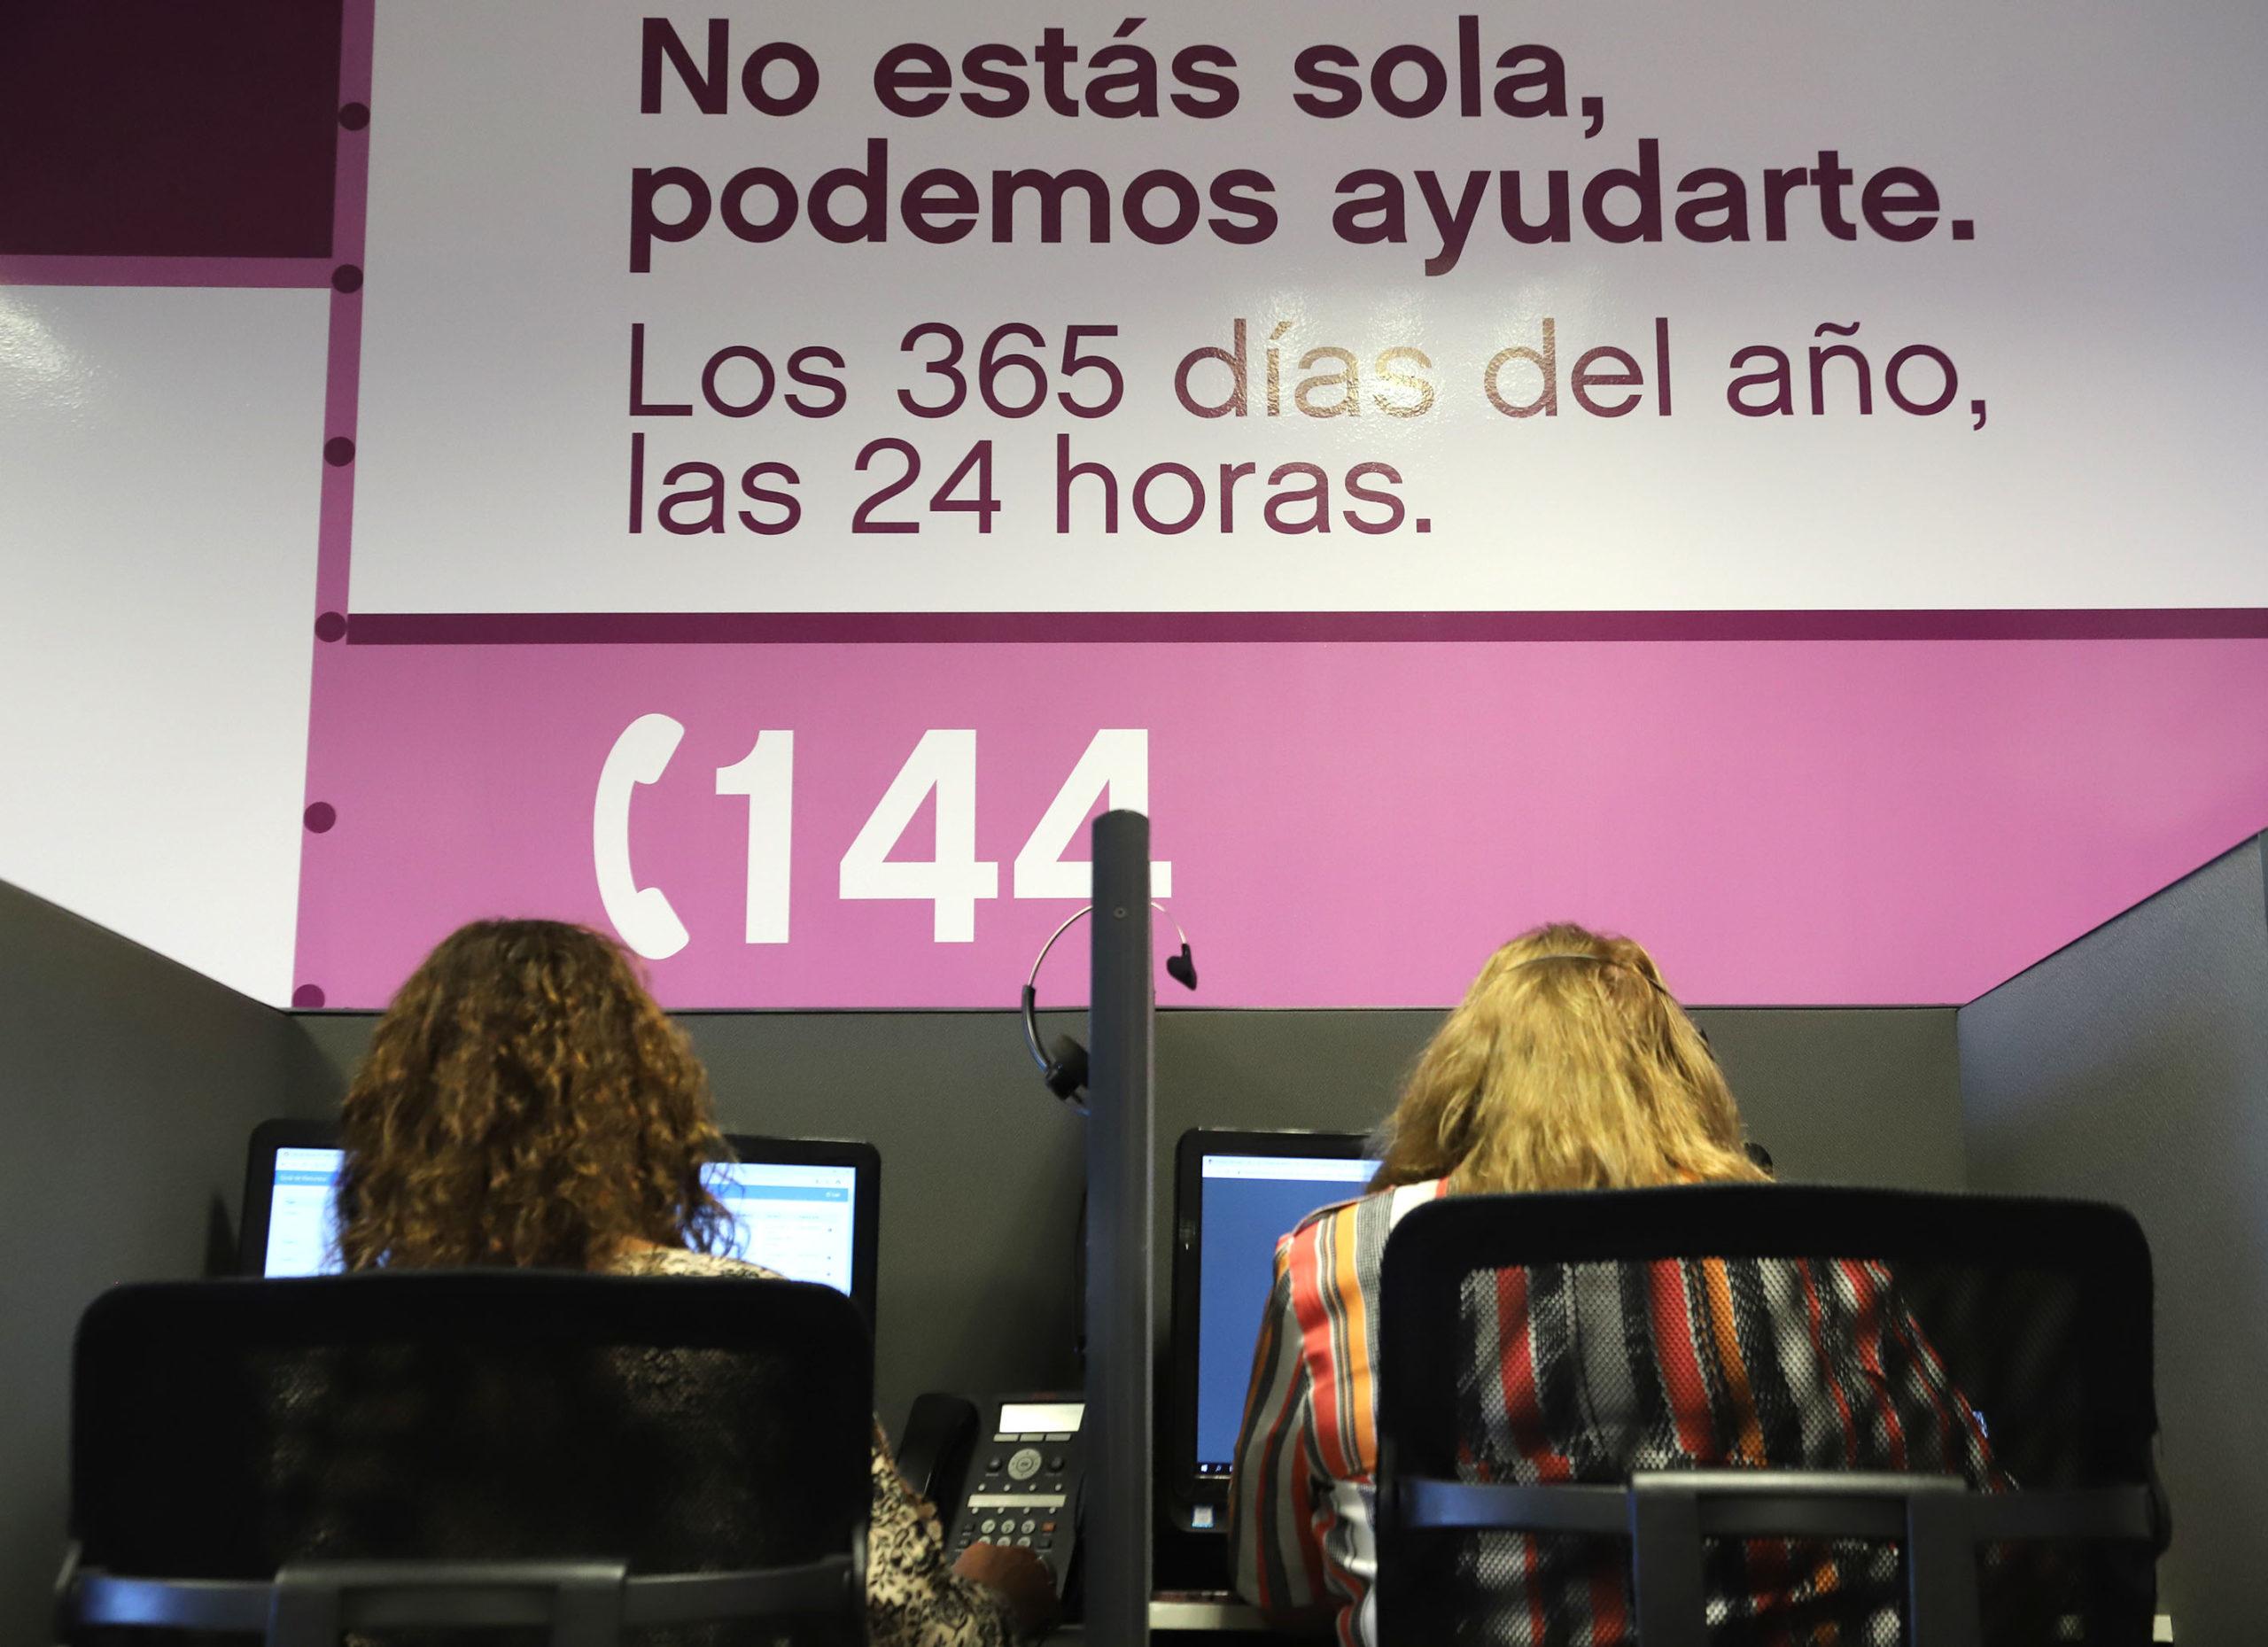 La Pampa: durante 2021 se realizaron 380 denuncias por violencia de género, 73 por situaciones de abuso y 32 por causas referidas a la trata de personas